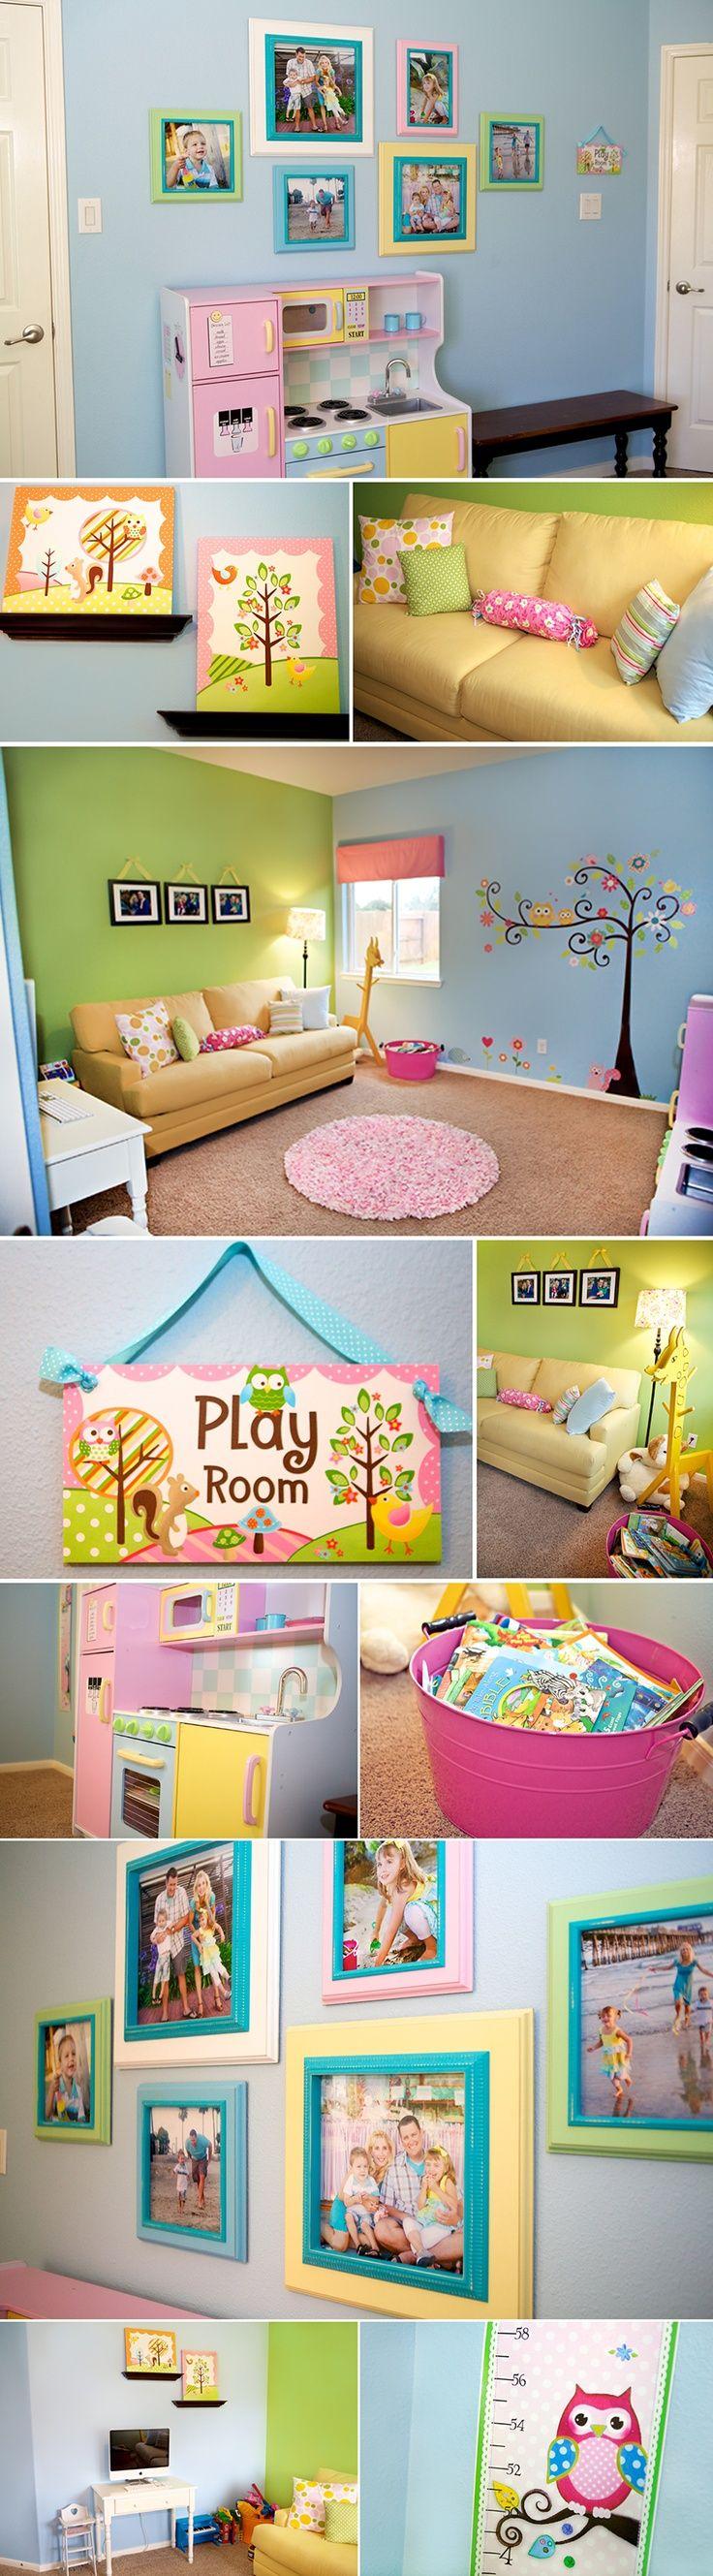 Ideas para decorar con mucho color el cuarto de juego de tus niños.